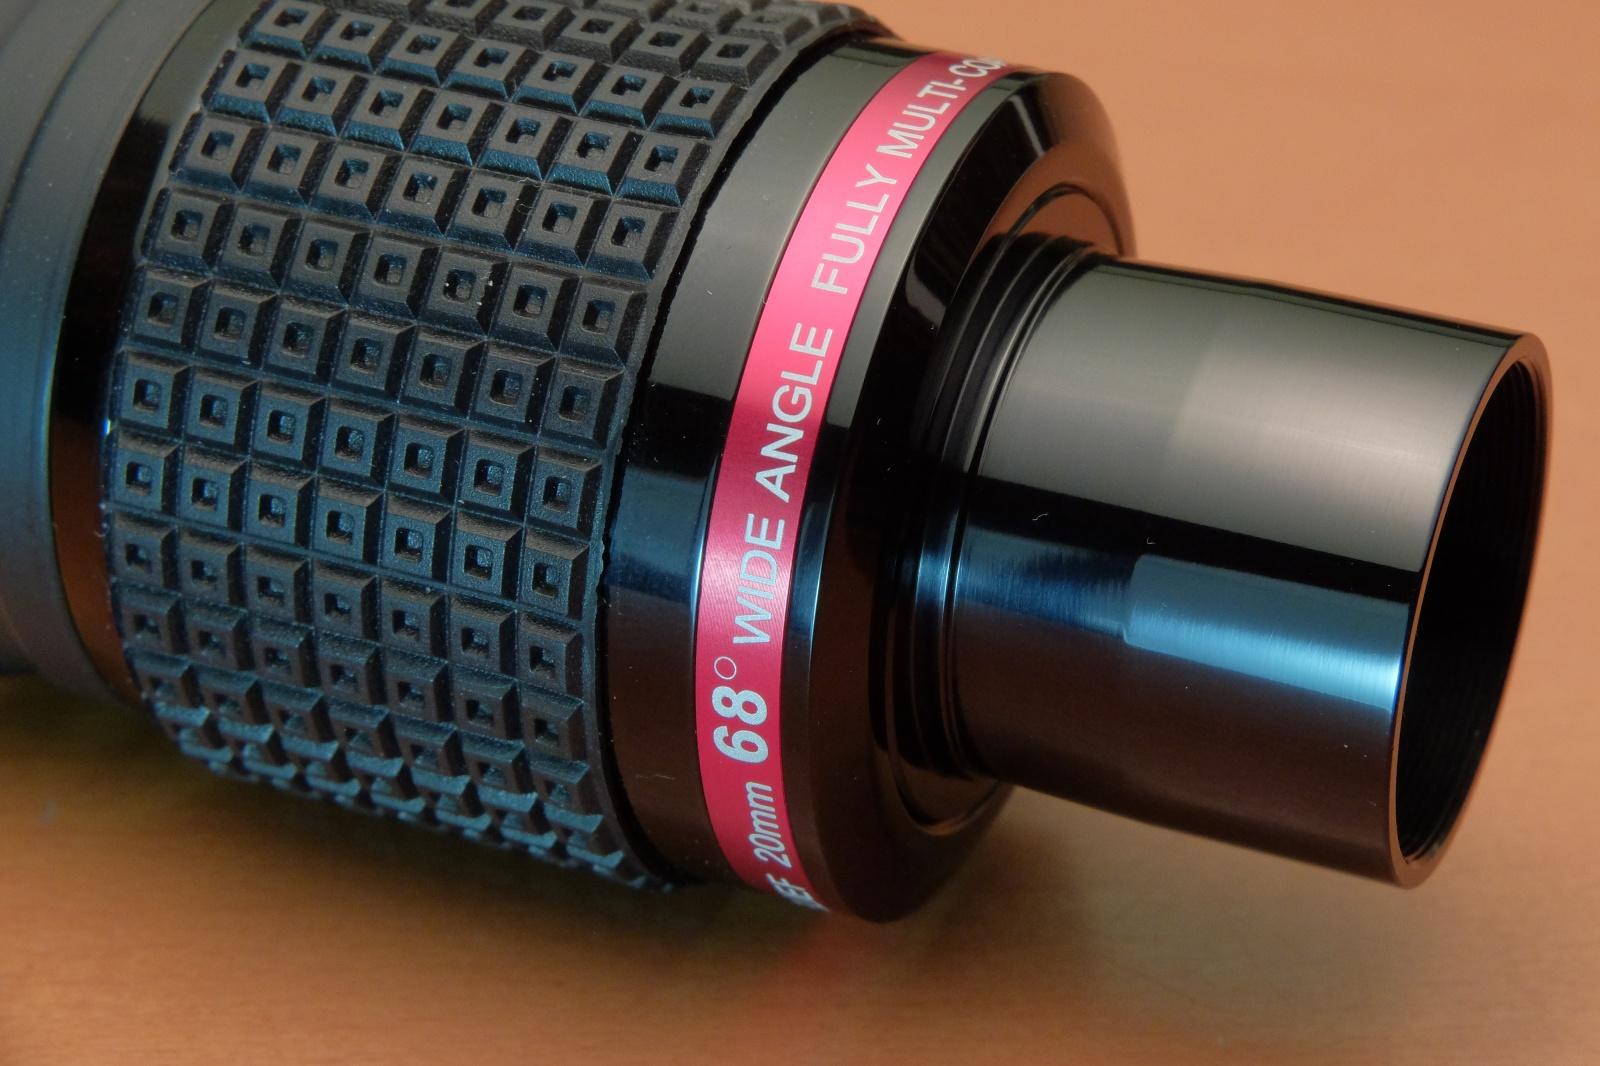 FX309620.JPG